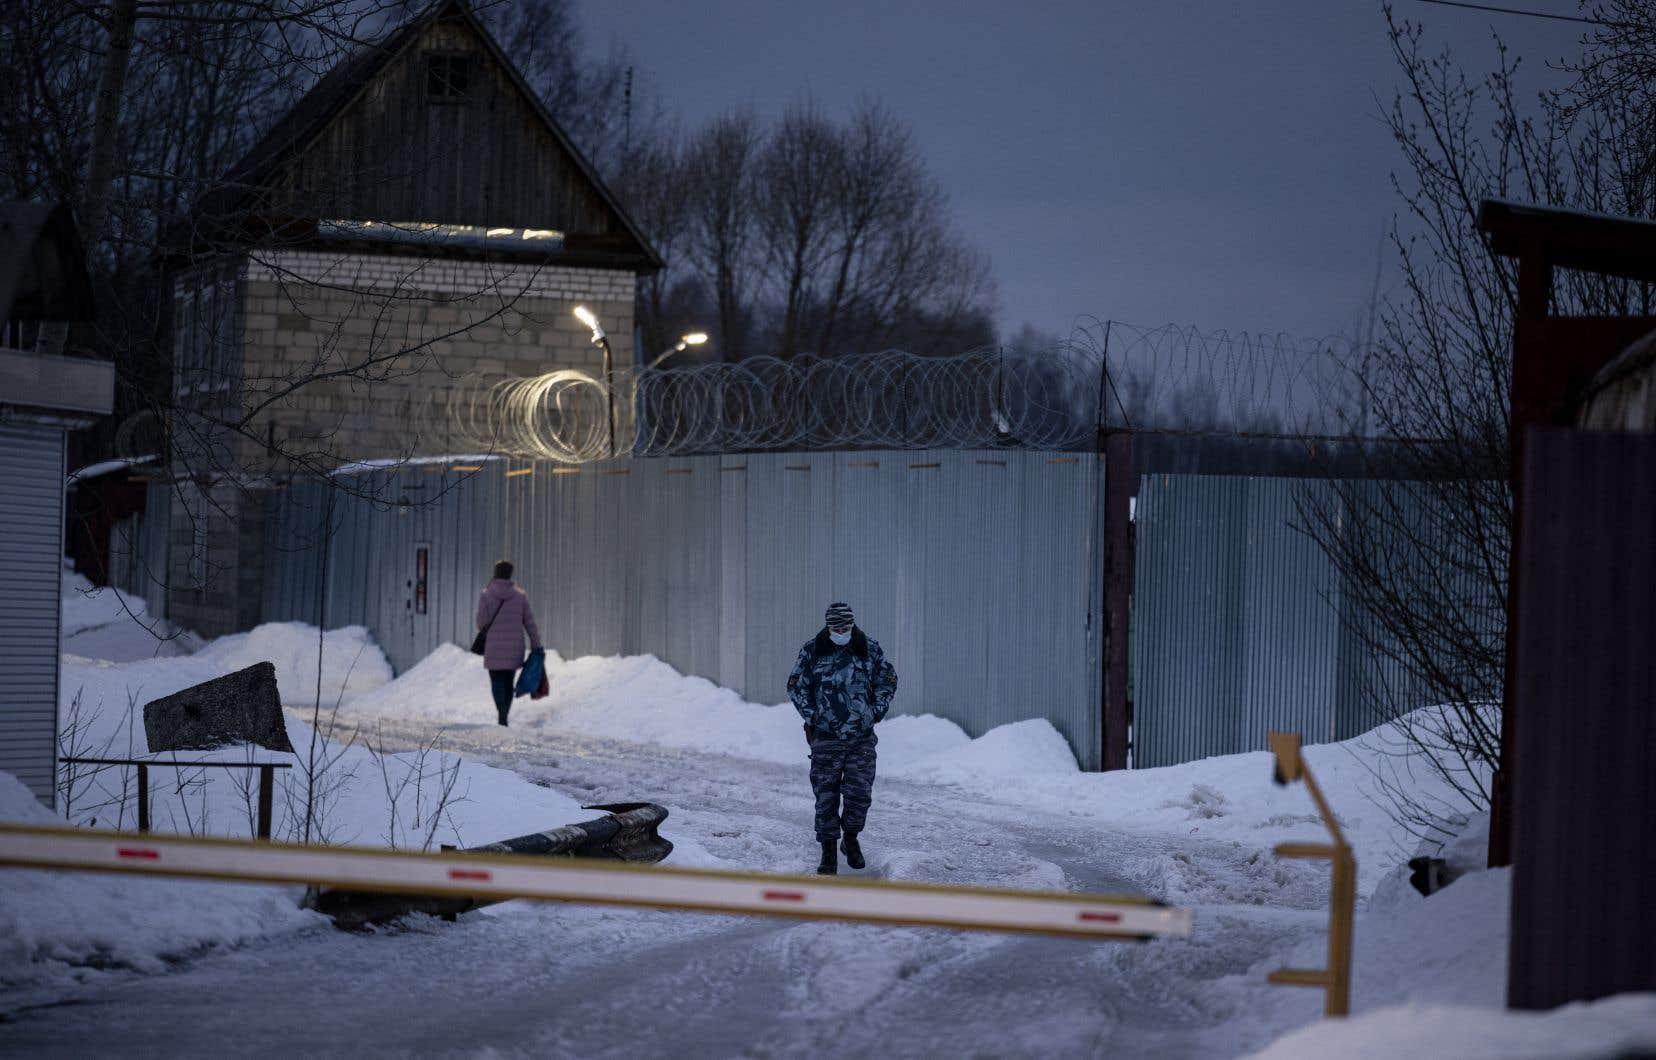 L'opposant est emprisonné depuis début mars dans une colonie pénitentiaire réputée très dure à Pokrov, à 100km de la capitale russe.